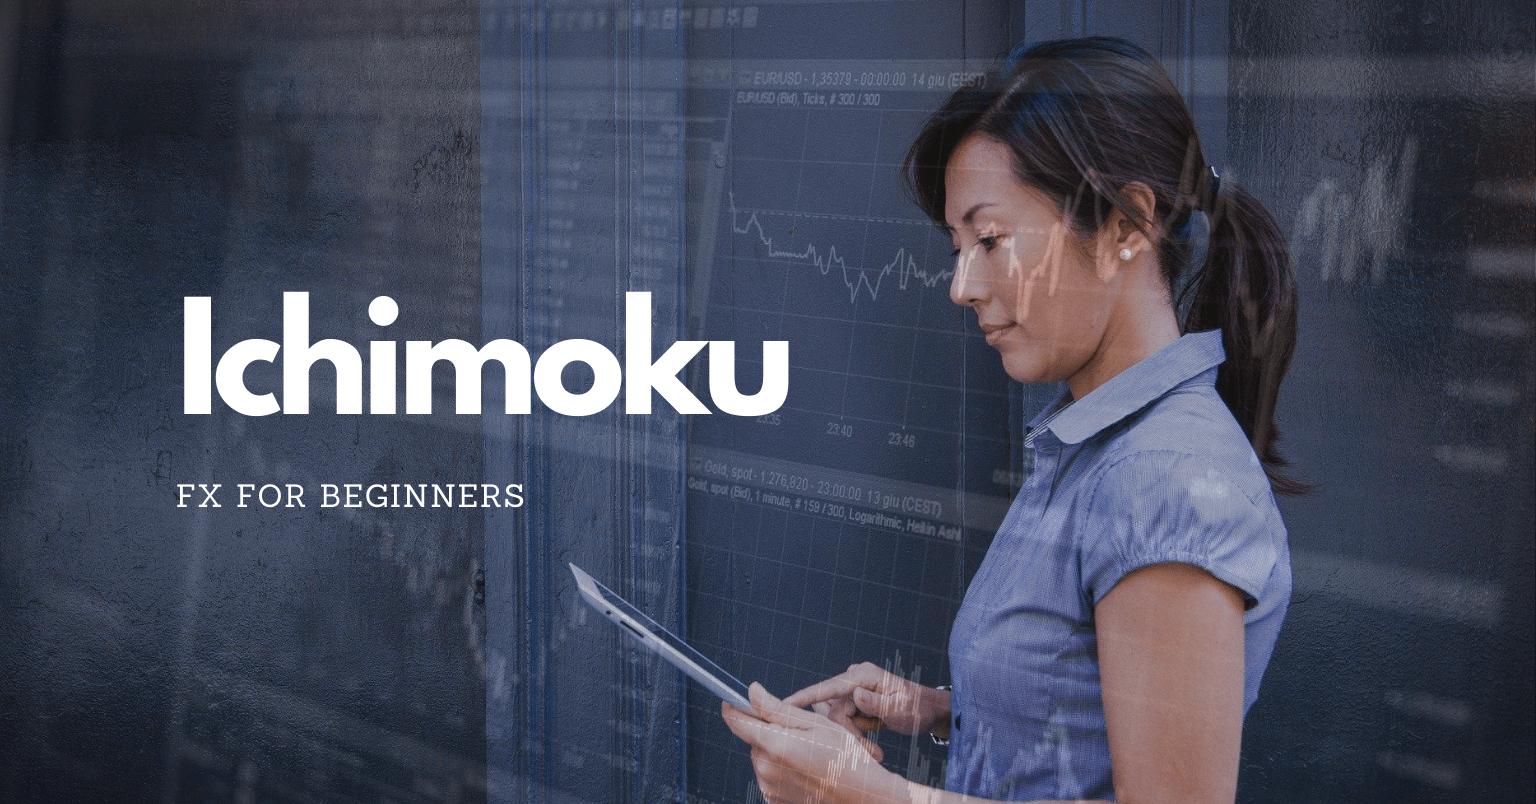 一目均衡表(Ichimoku Kinko Hyo)